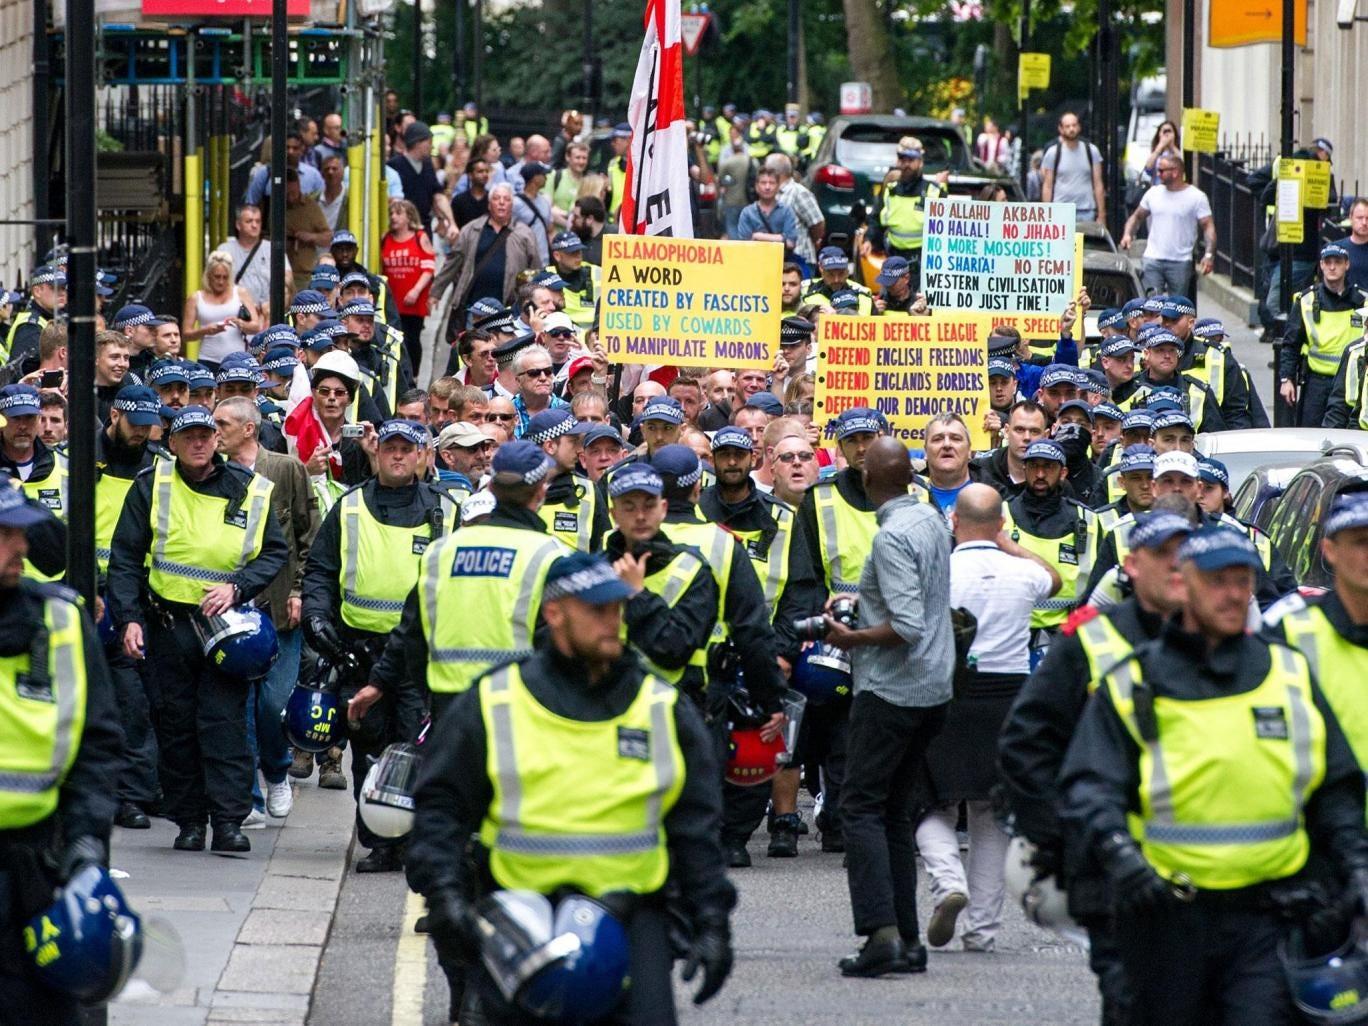 edl-protest5.jpg